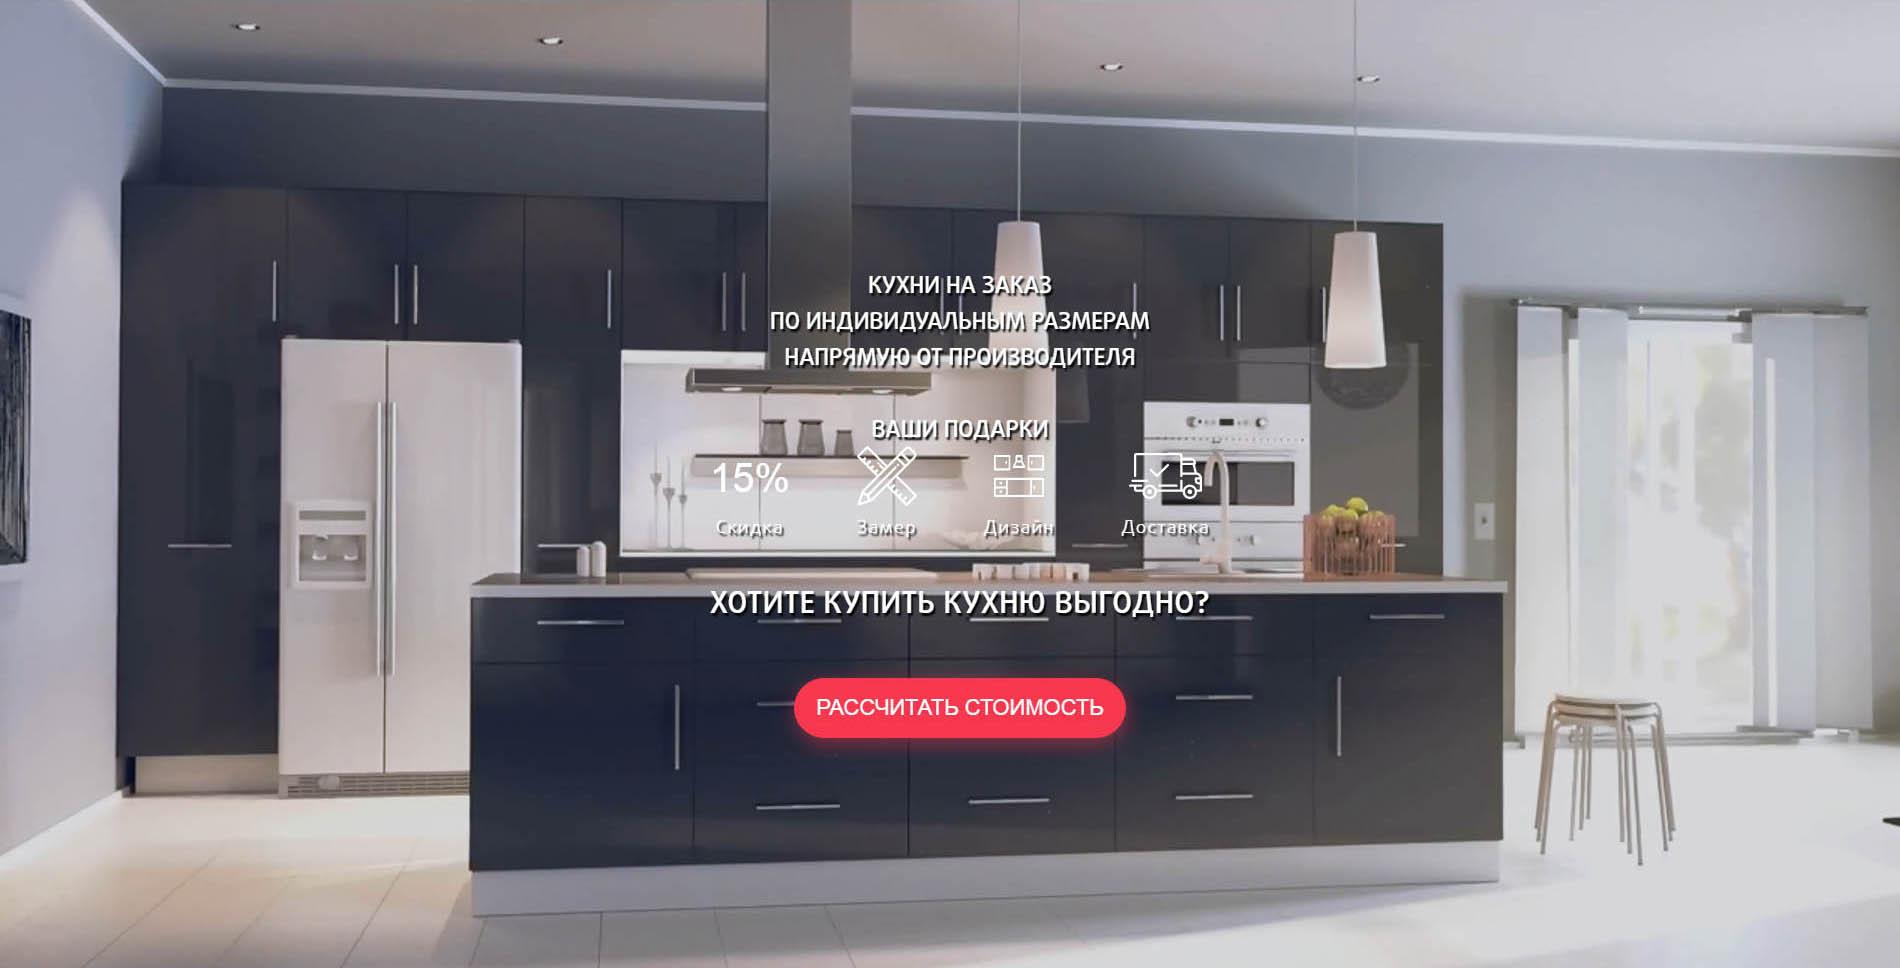 http://razrabotka-sajtov.by/wp-content/uploads/2020/04/lending-3.jpg